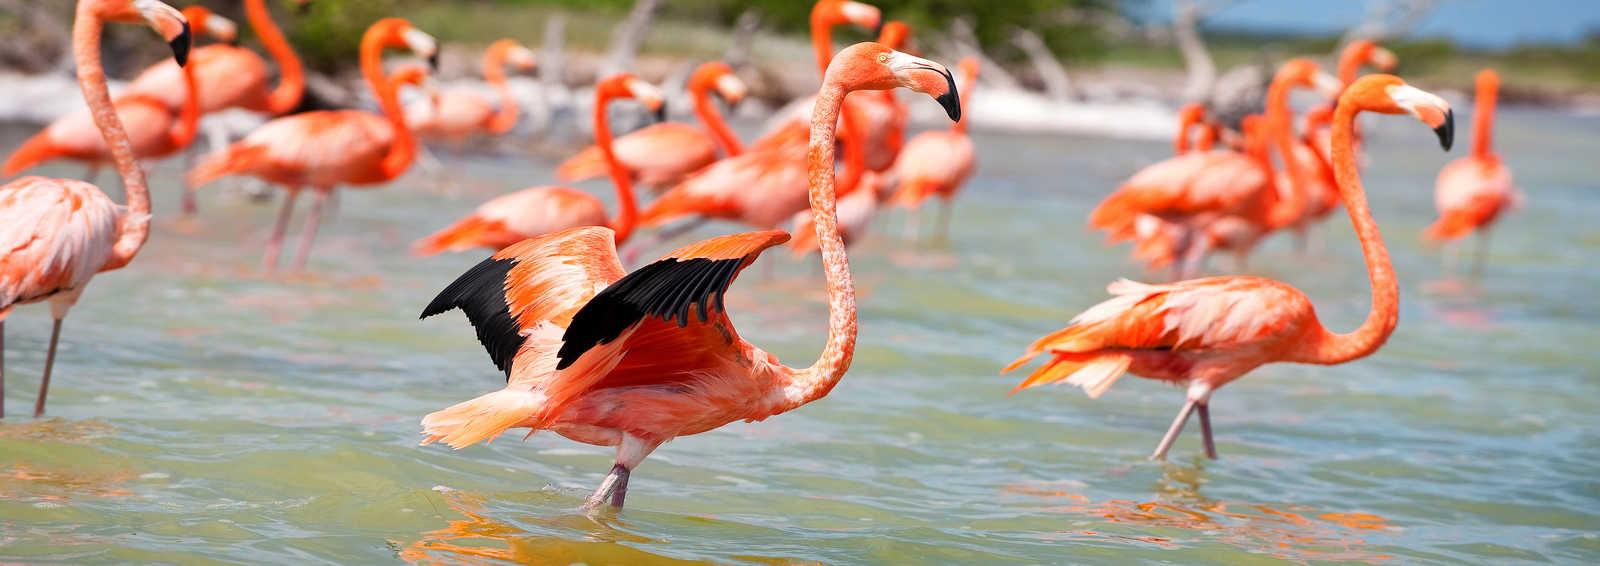 Celestun Flamingoes, Yucatan, Mexico